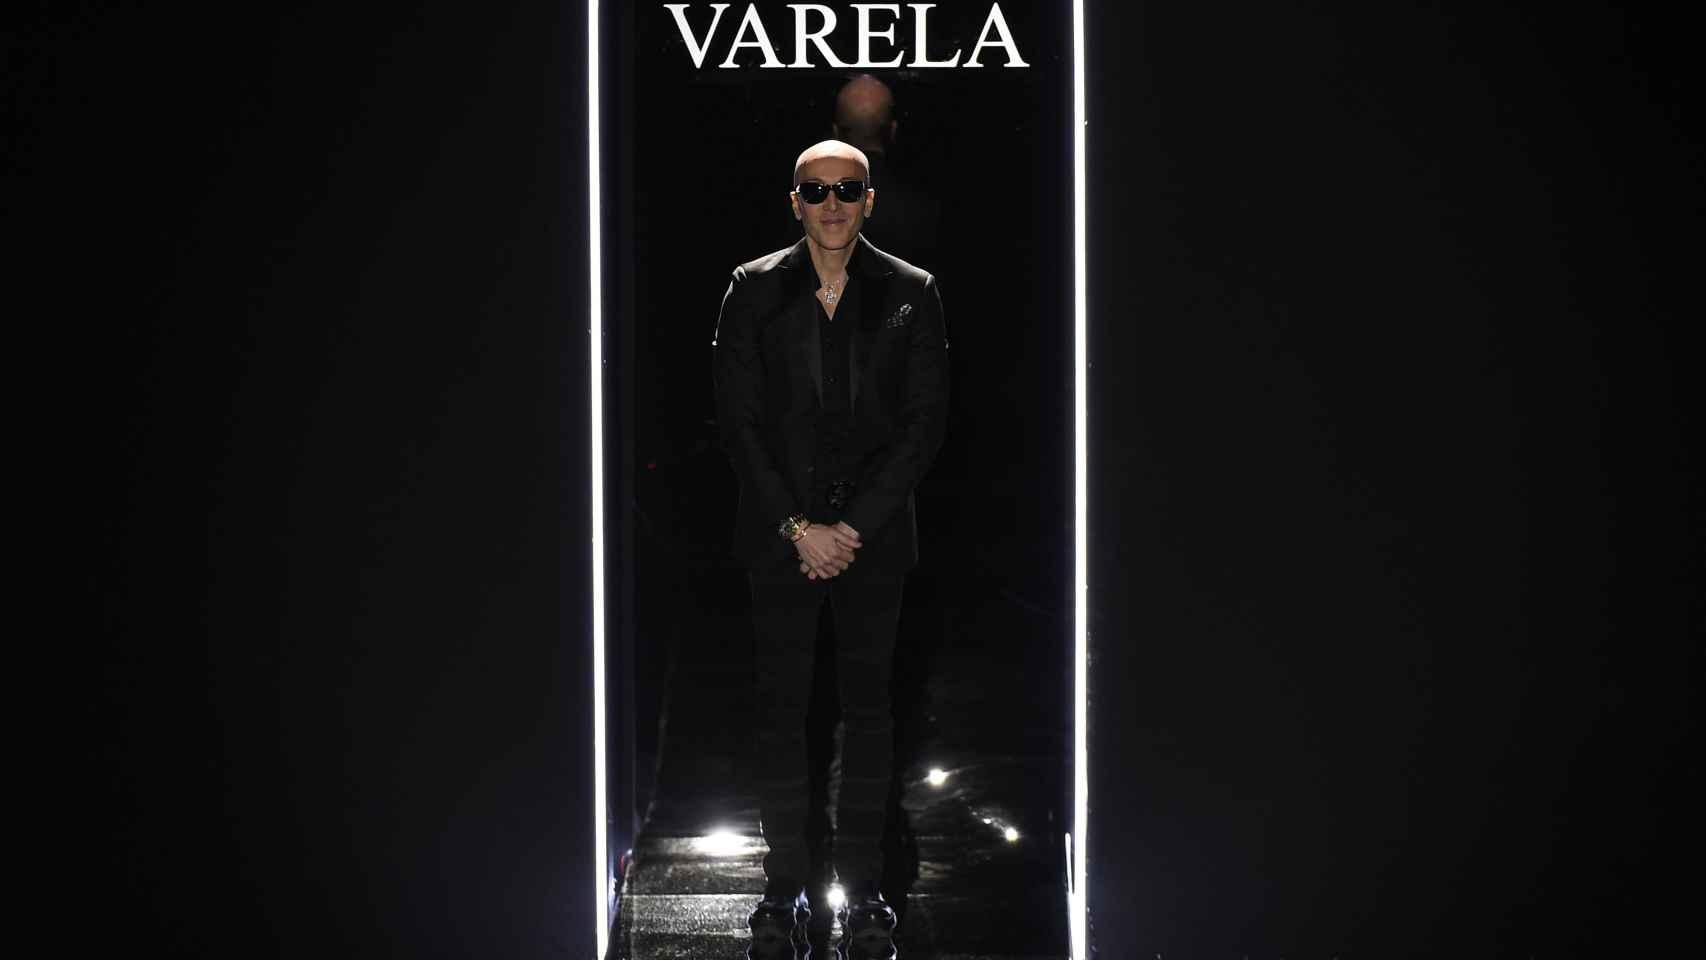 Felipe Varela ha vuelto a desfilar en Cibeles tras